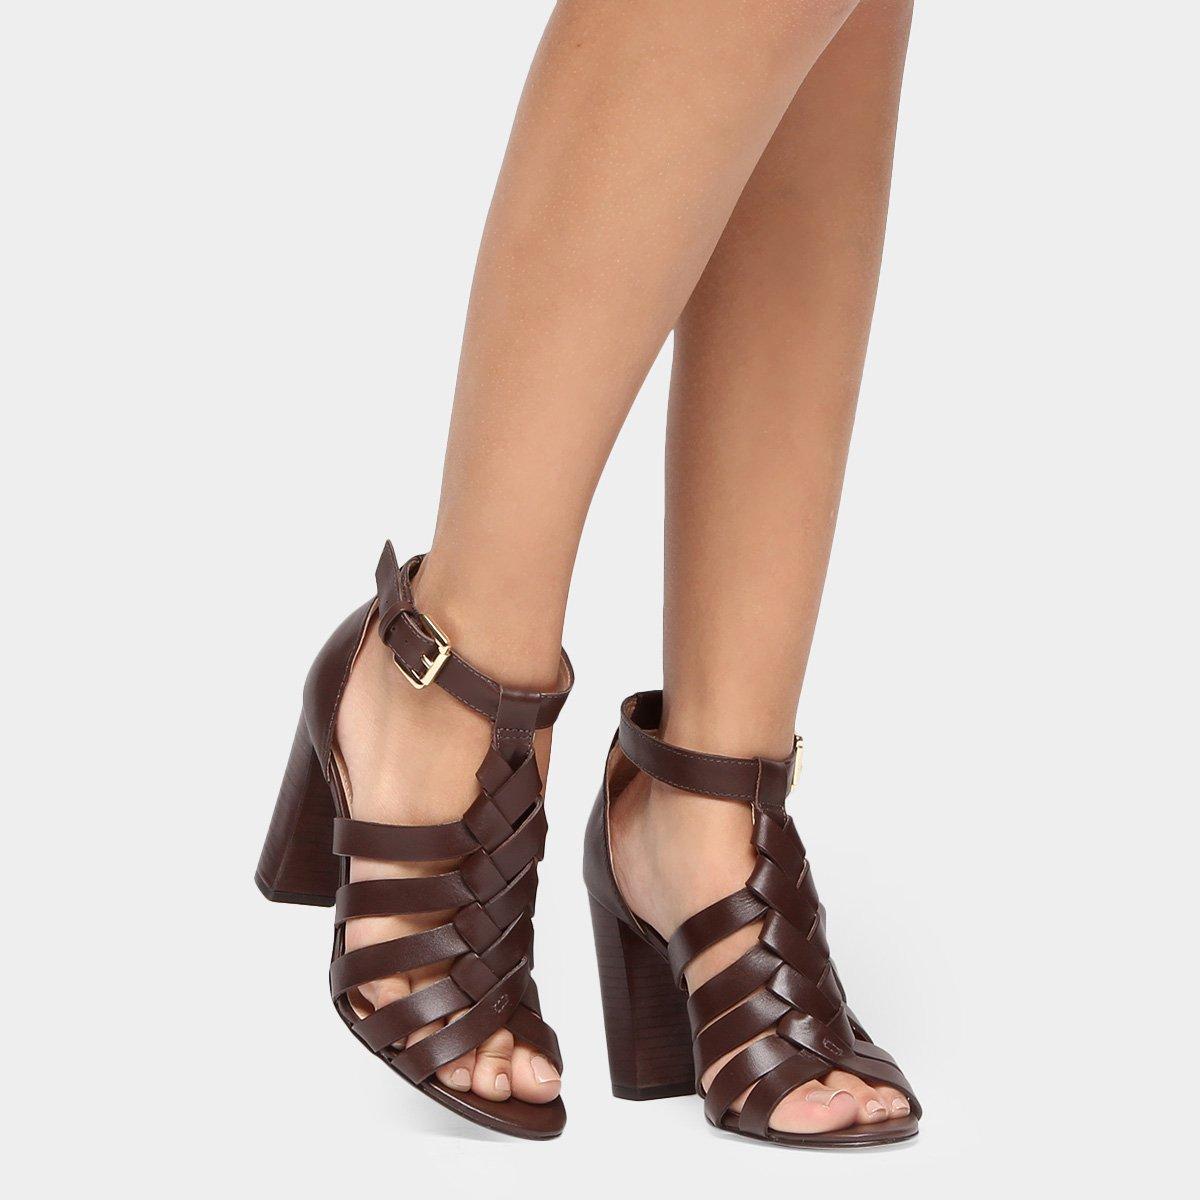 a9af380a1d Sandália Couro Shoestock Salto Grosso Trança Feminina - Compre Agora ...